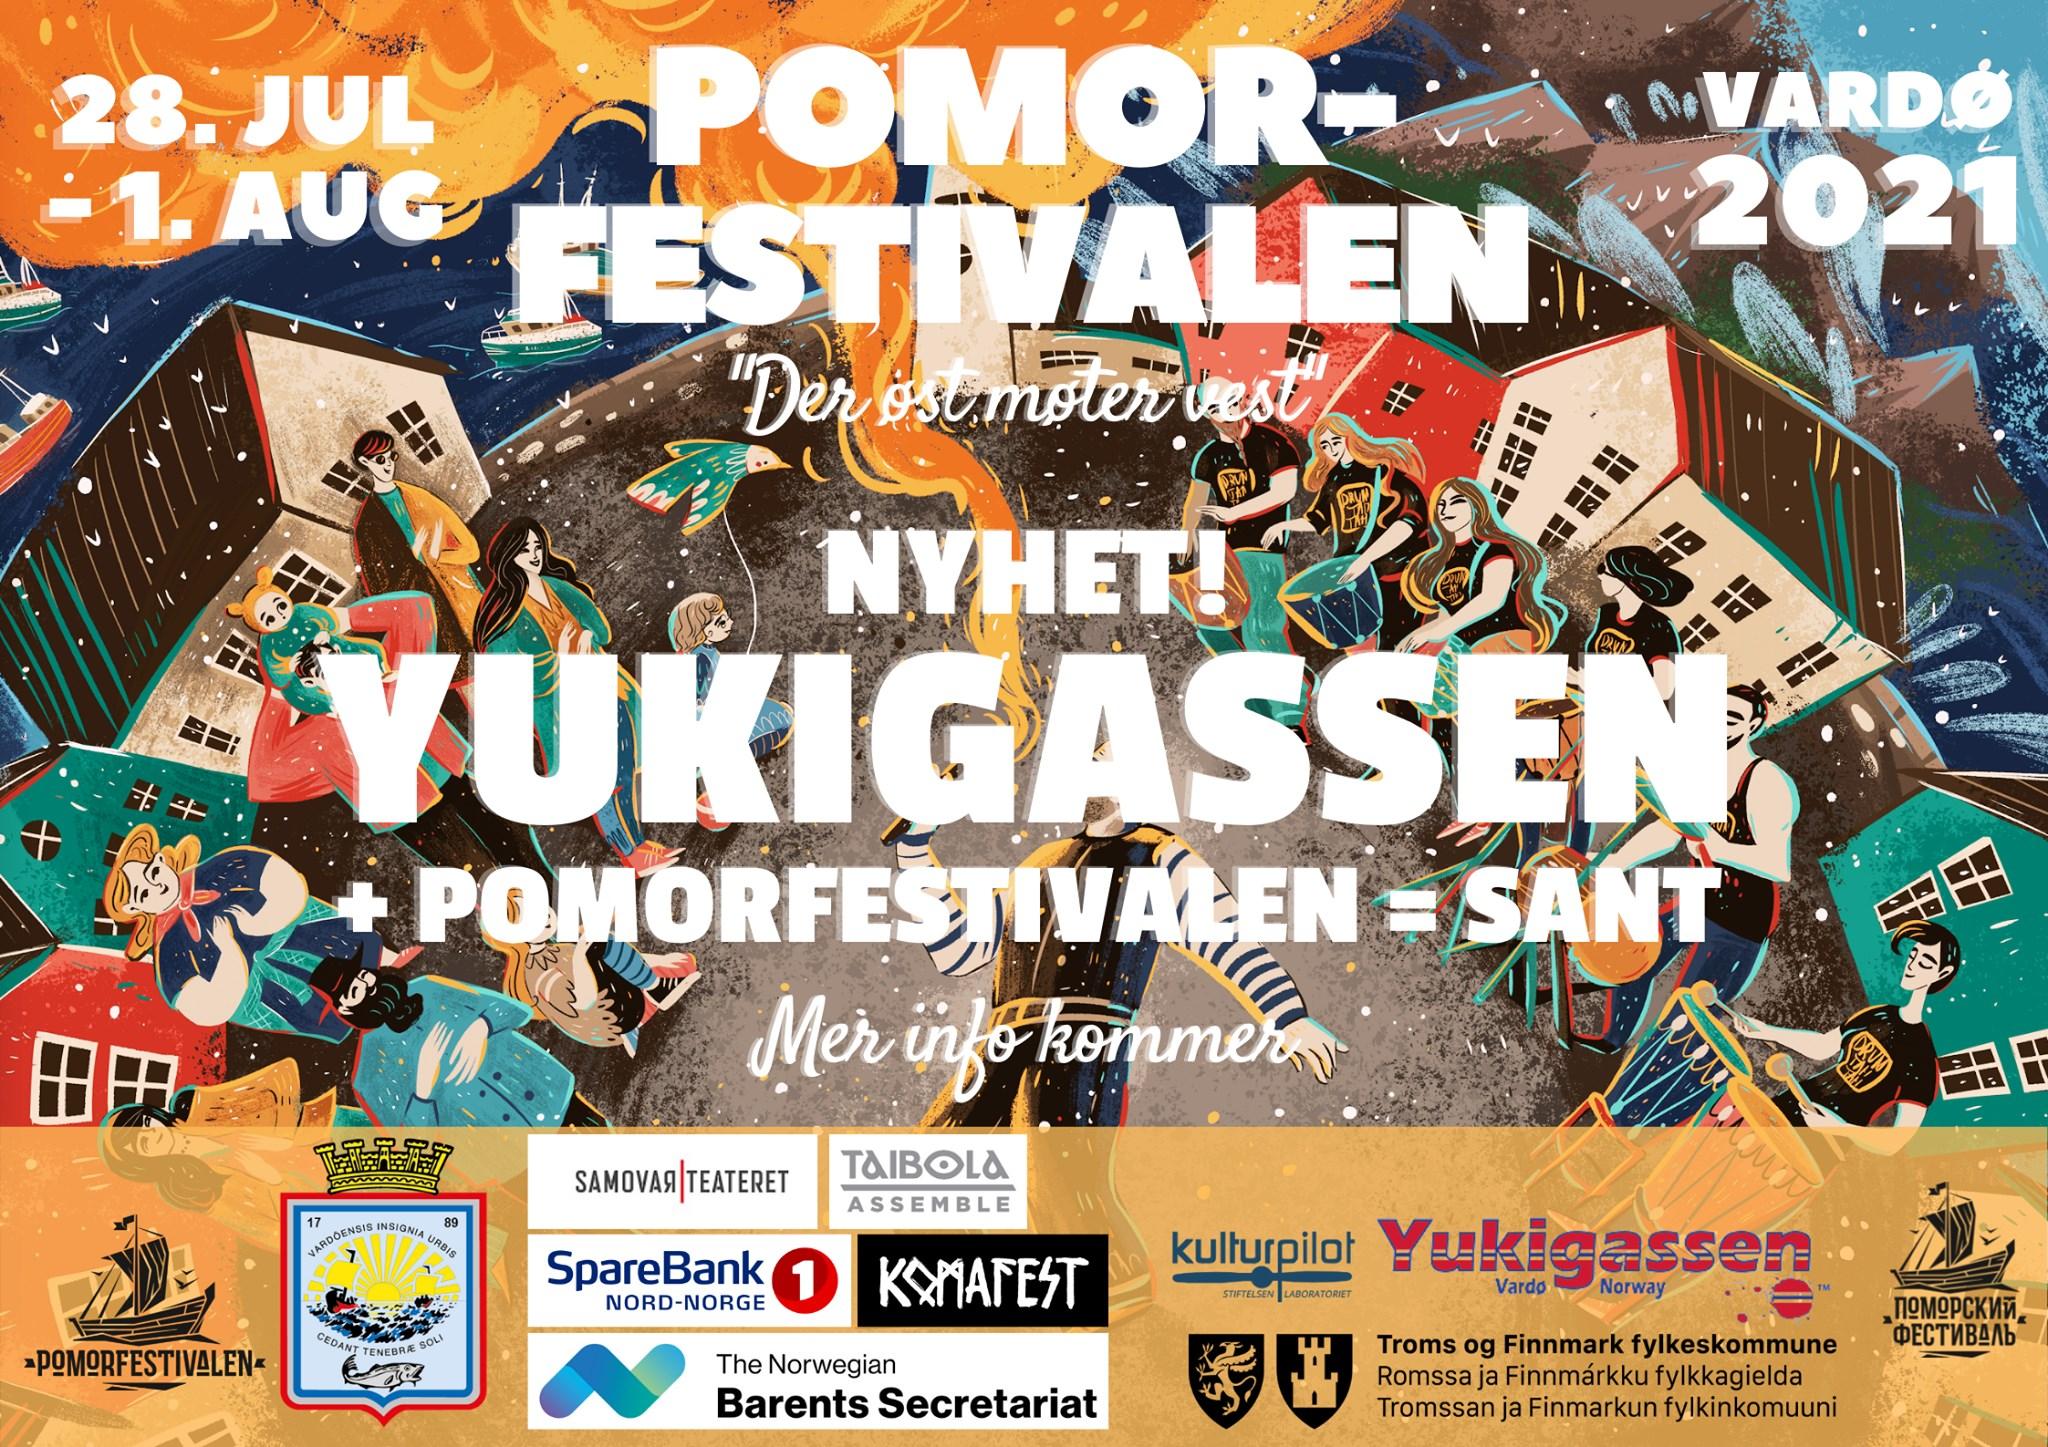 Yukigassen under Pomorfestivalen 2021